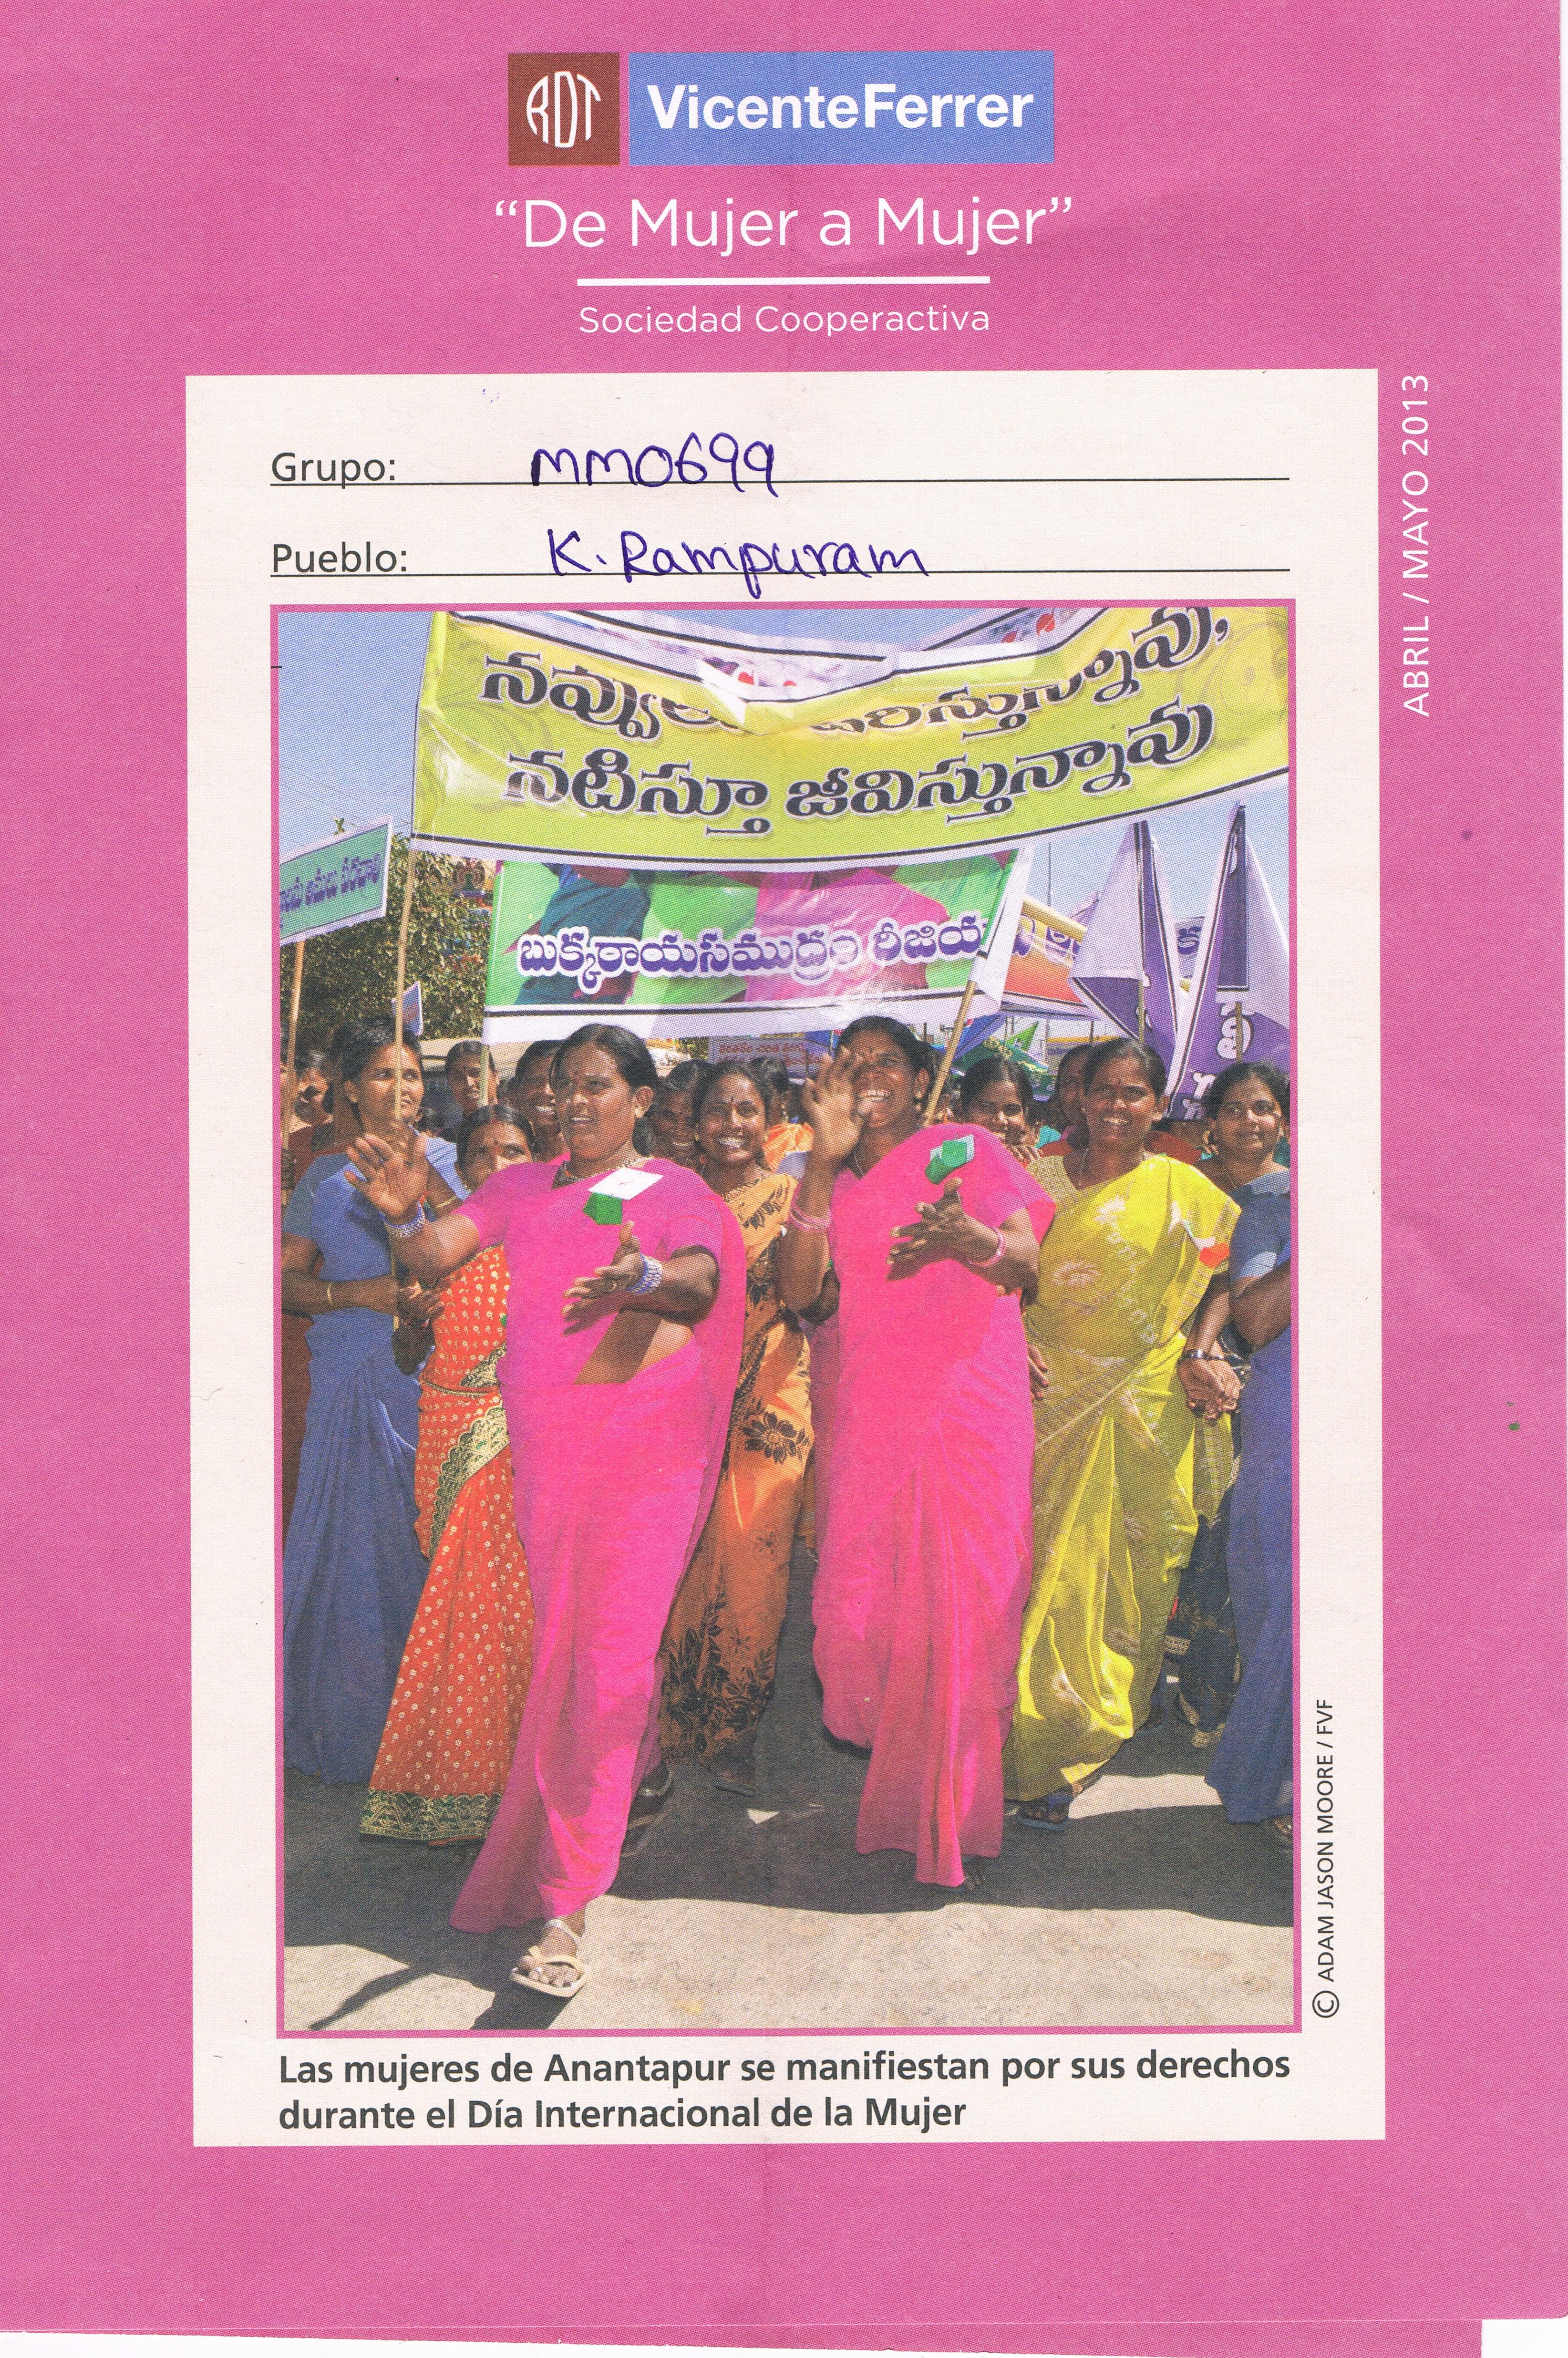 Mujeres de Anantapur manifestandose por sus derechos durante el Día Internacional de la Mujer